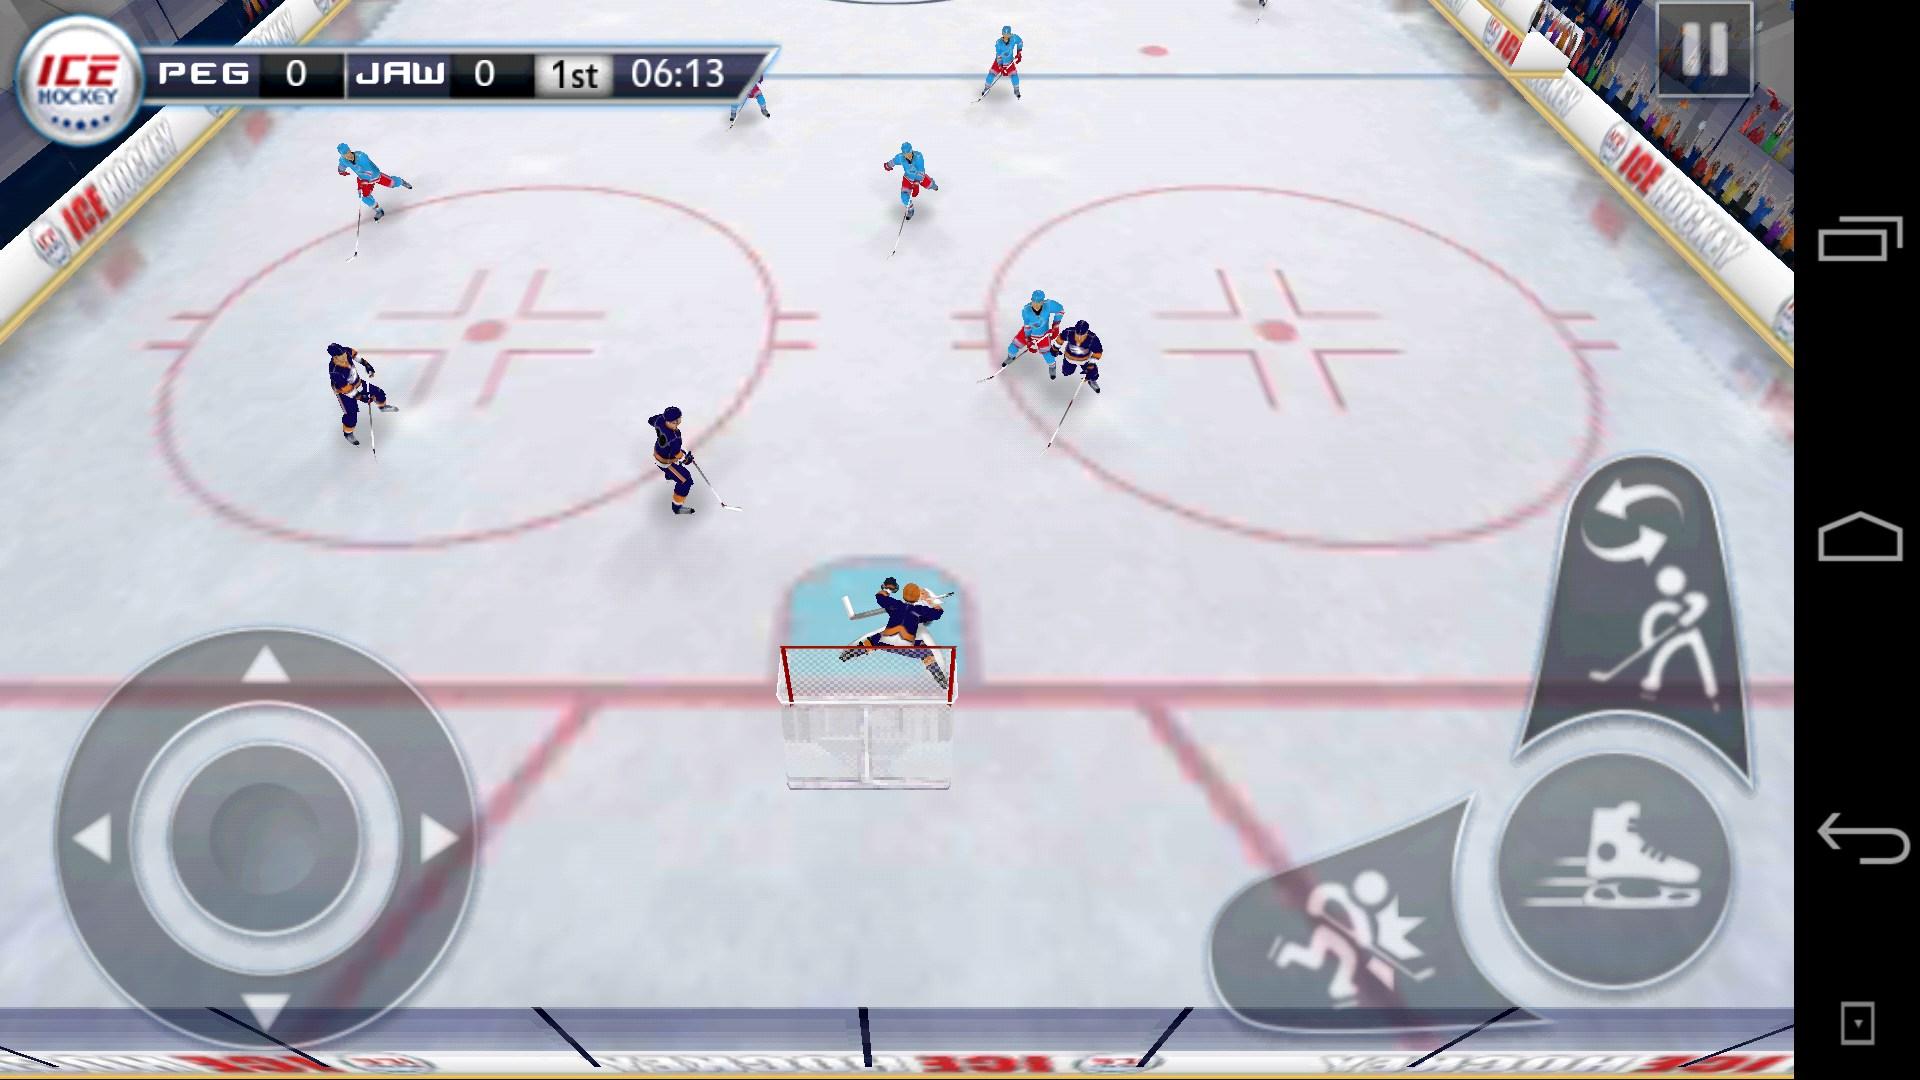 Скачать игру на компьютер игру хоккей.